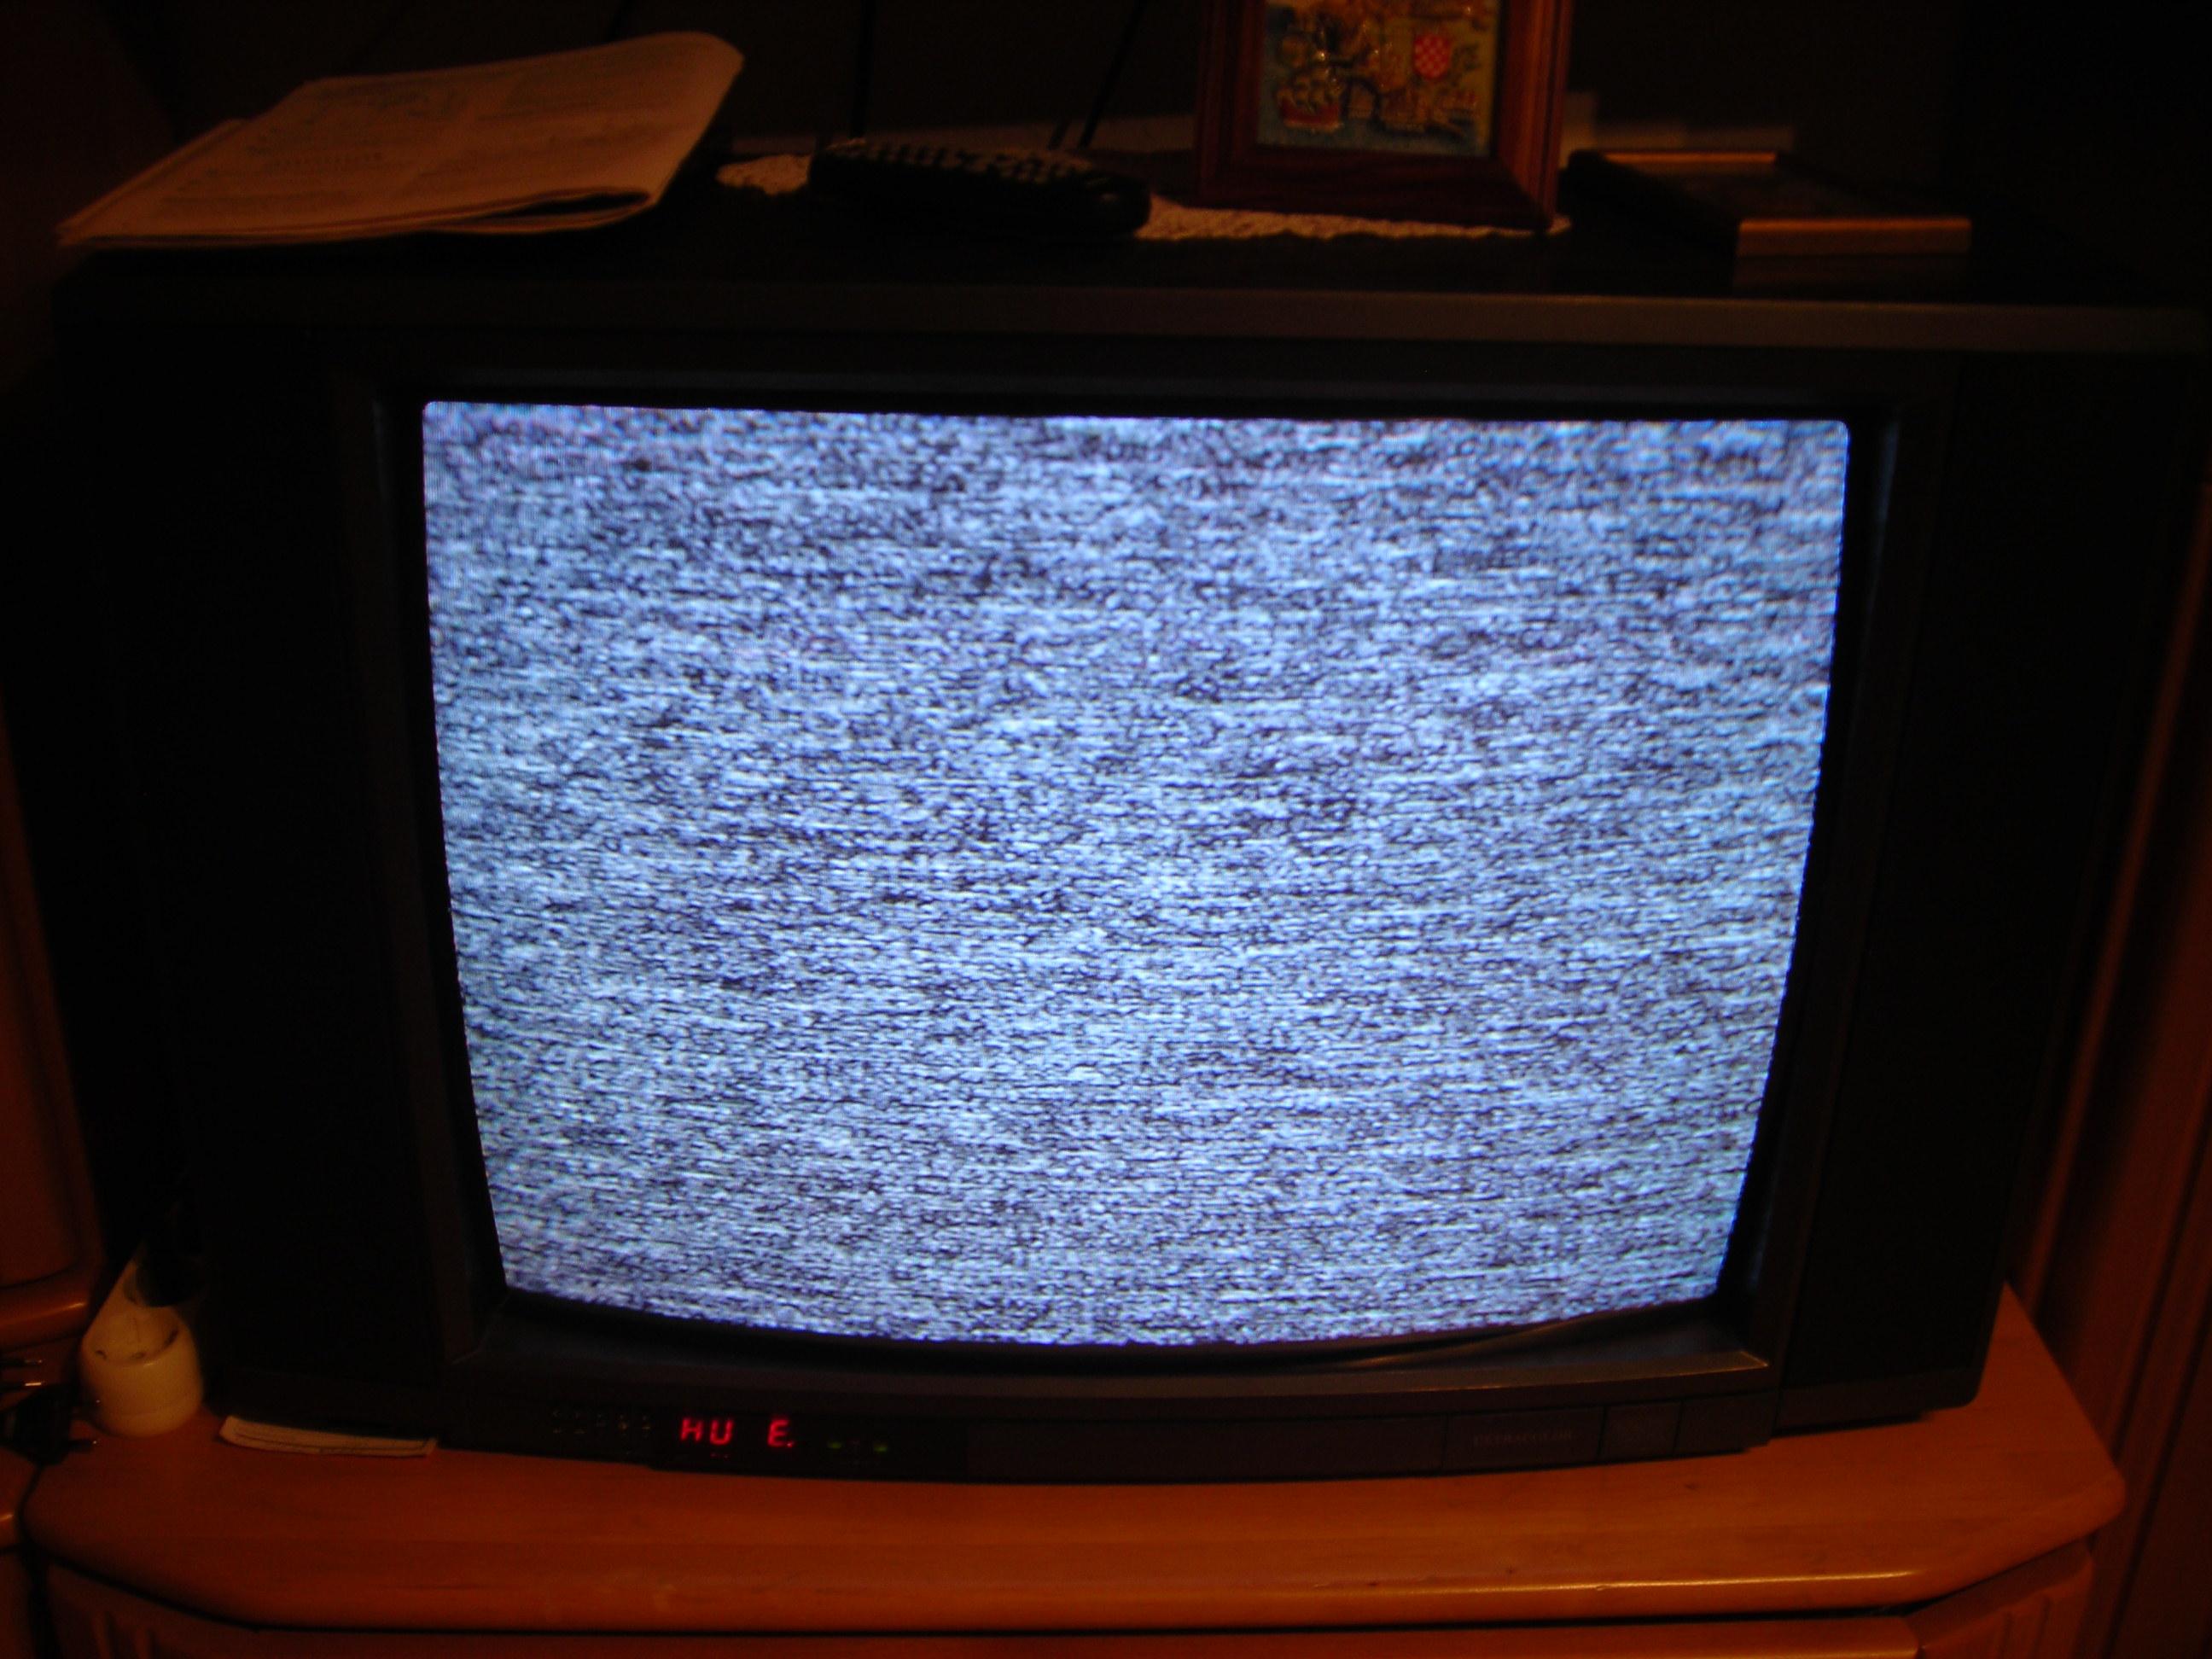 kein bild bei wiedergabe von vhs rekoder was ist das problem fernseher st rung verkabelung. Black Bedroom Furniture Sets. Home Design Ideas